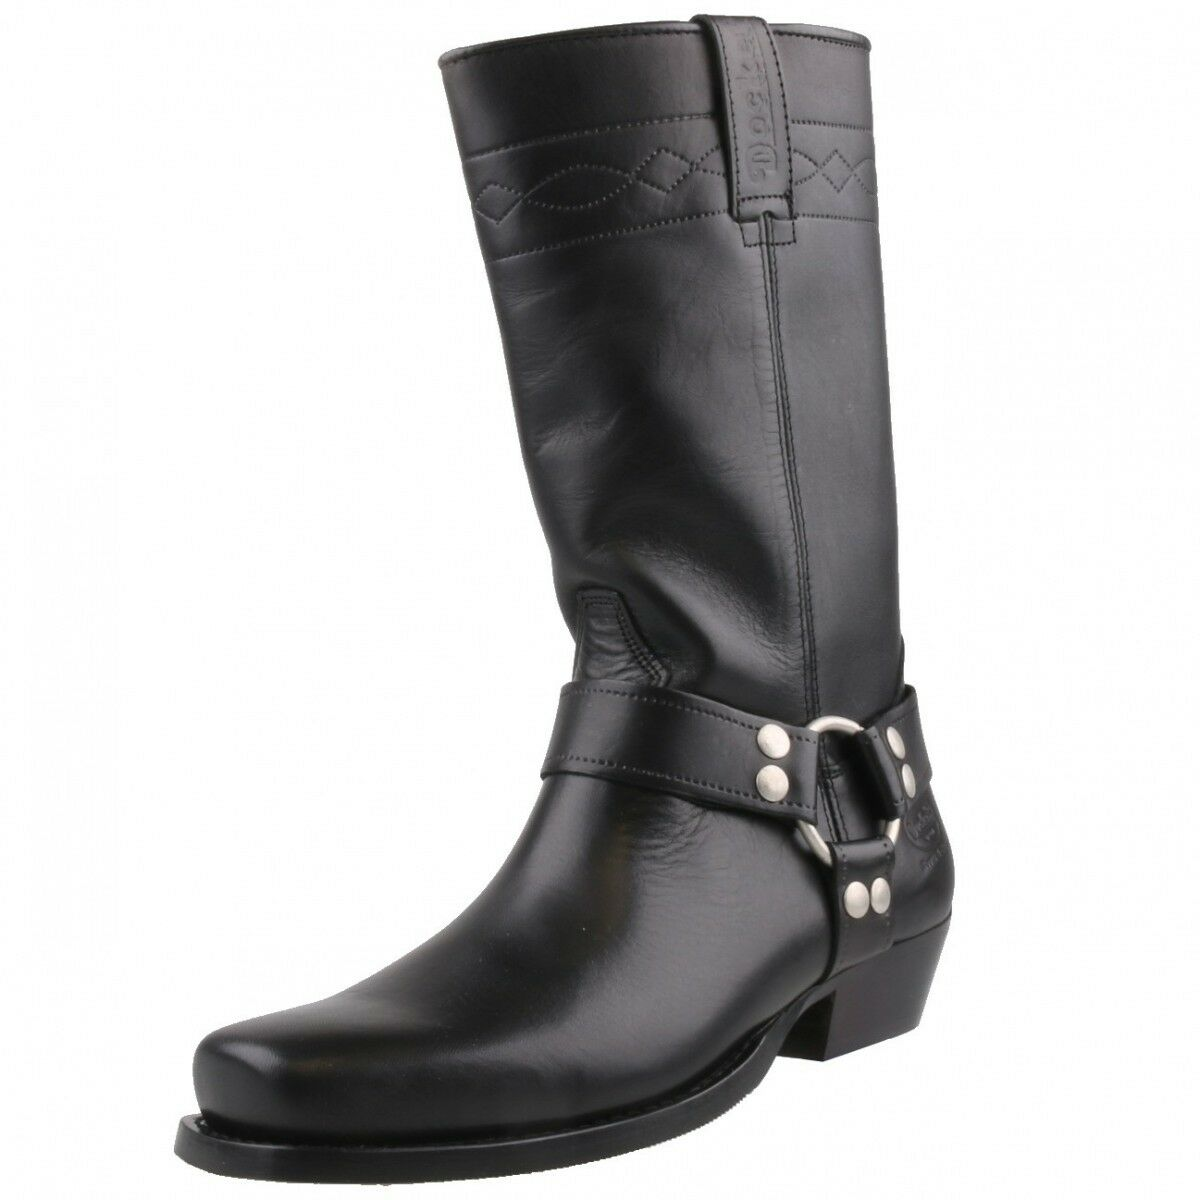 NUEVO DOCKERS Botas de Motorista Moto Hombre/mujer Zapatos cuero cuero cuero 030140 Negro c3fd69